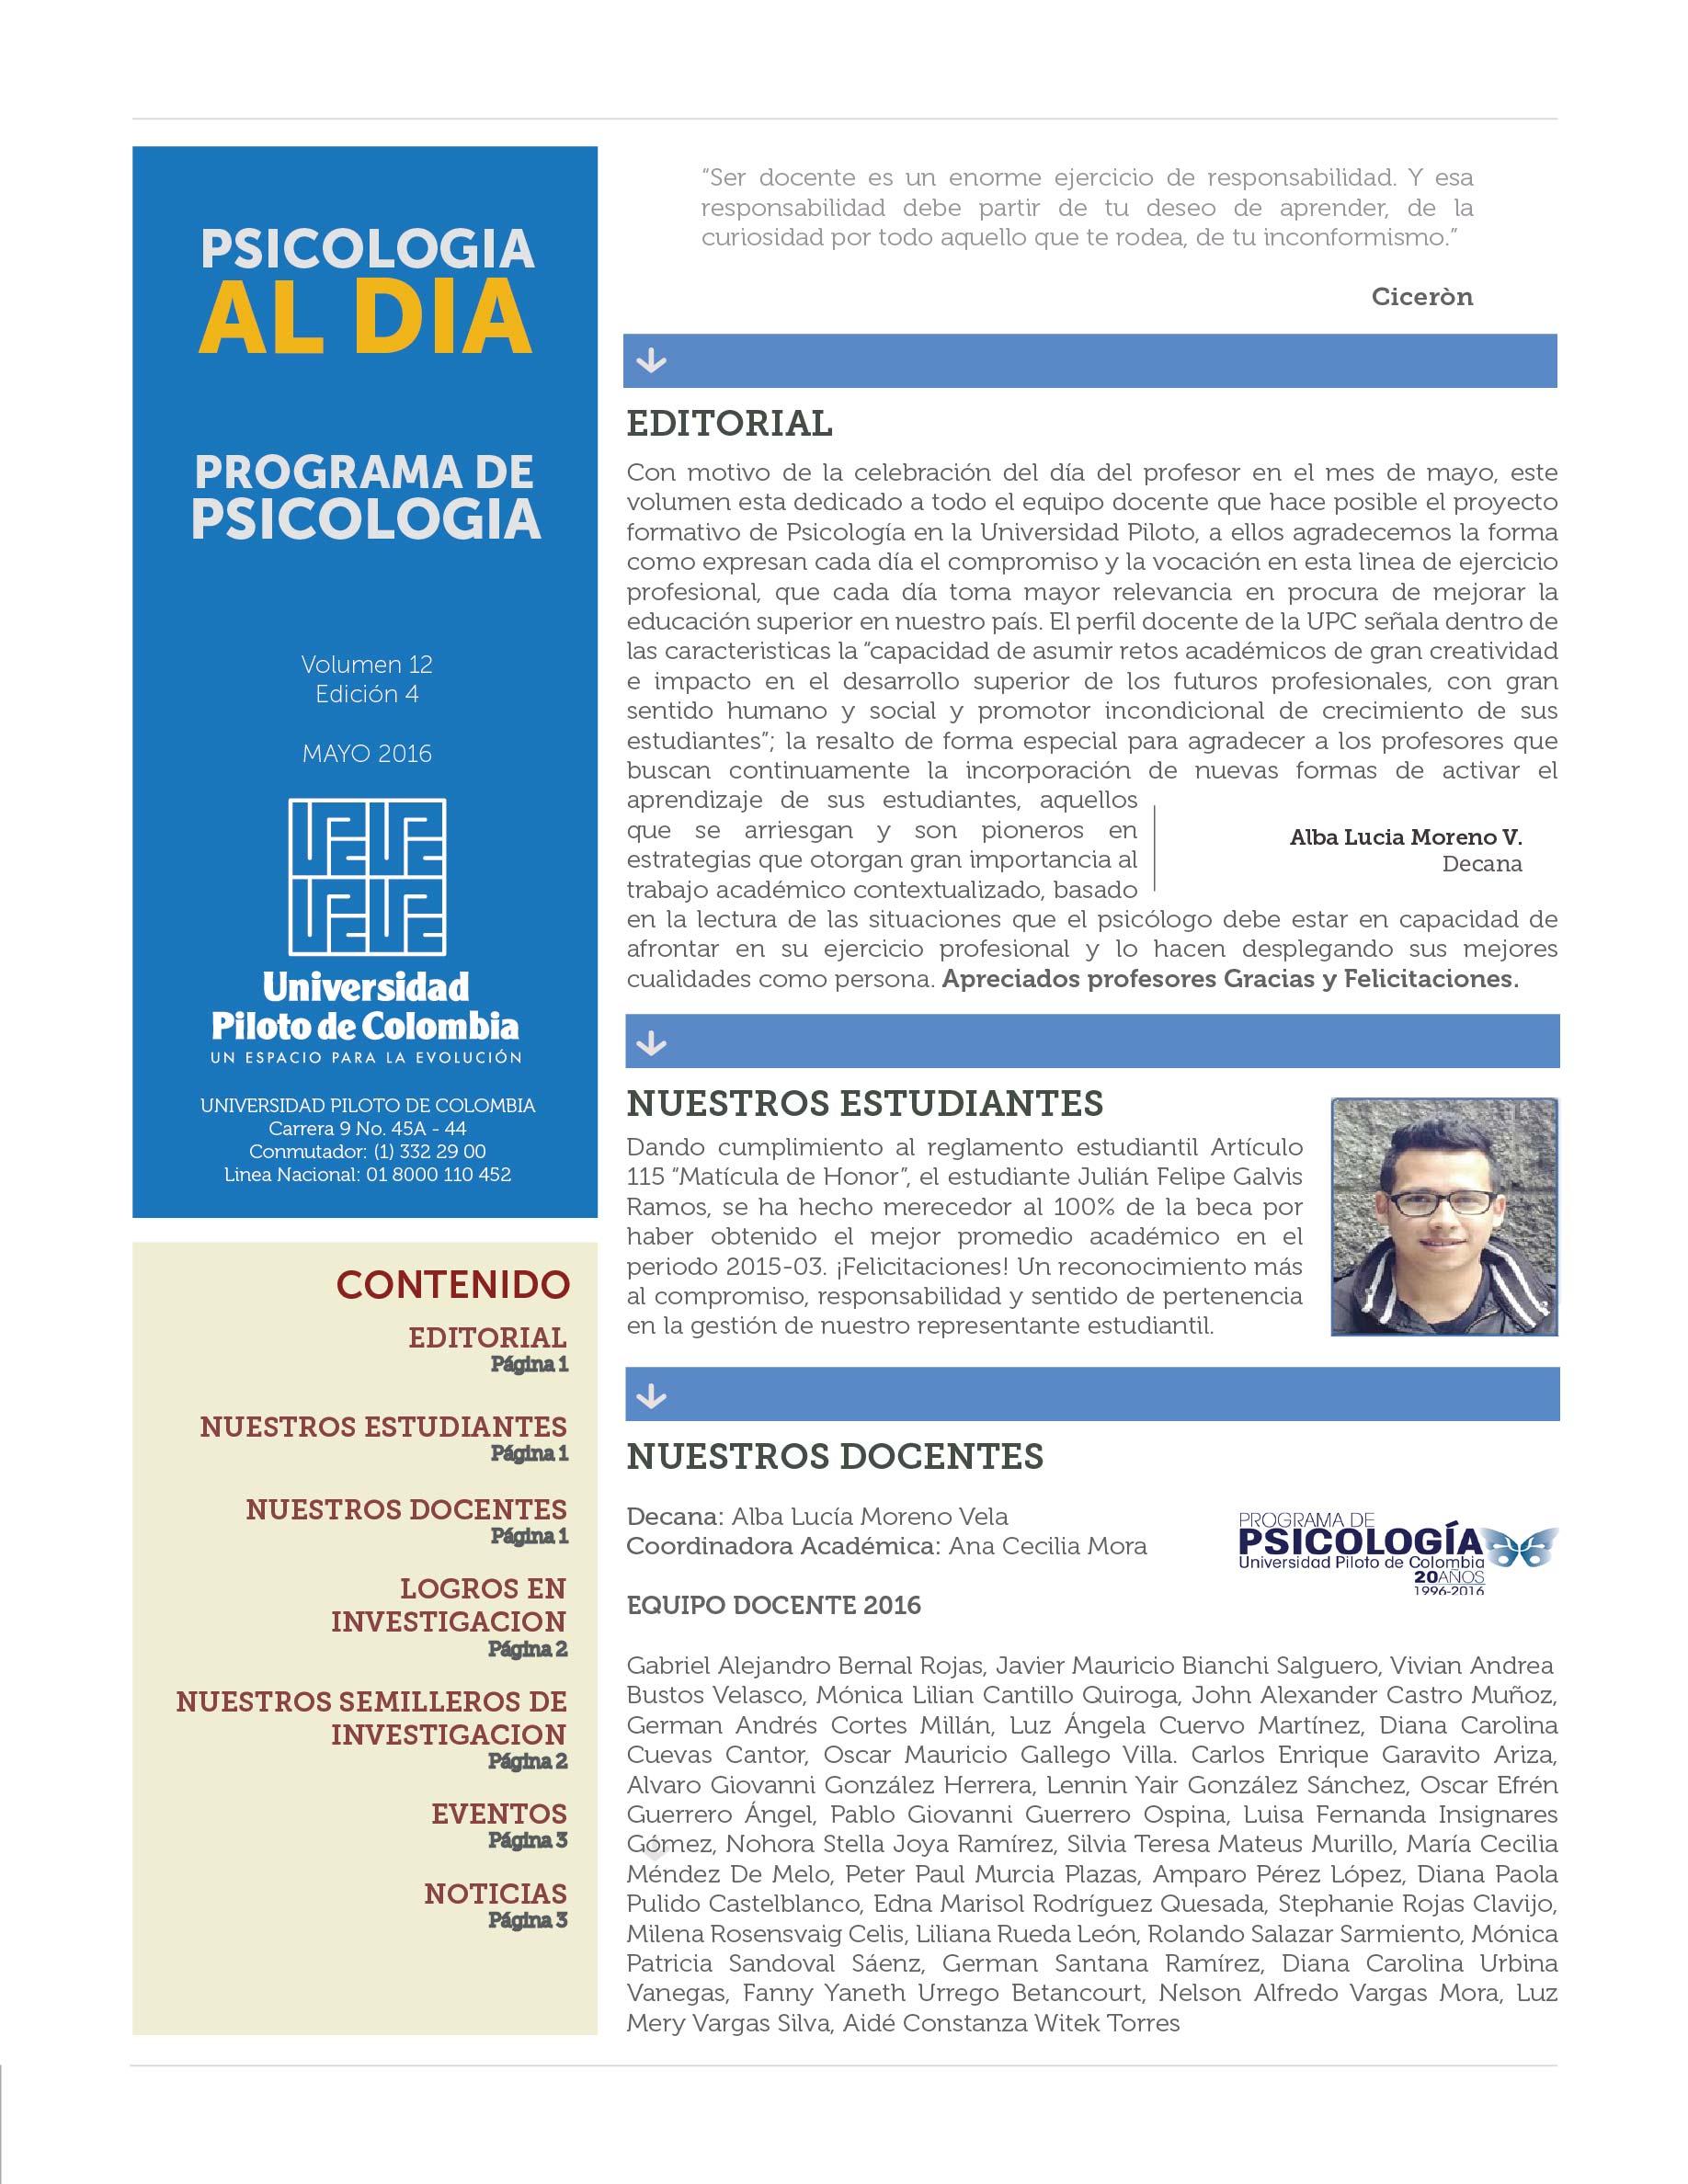 Psicologia-Mayo2016_Pagina1